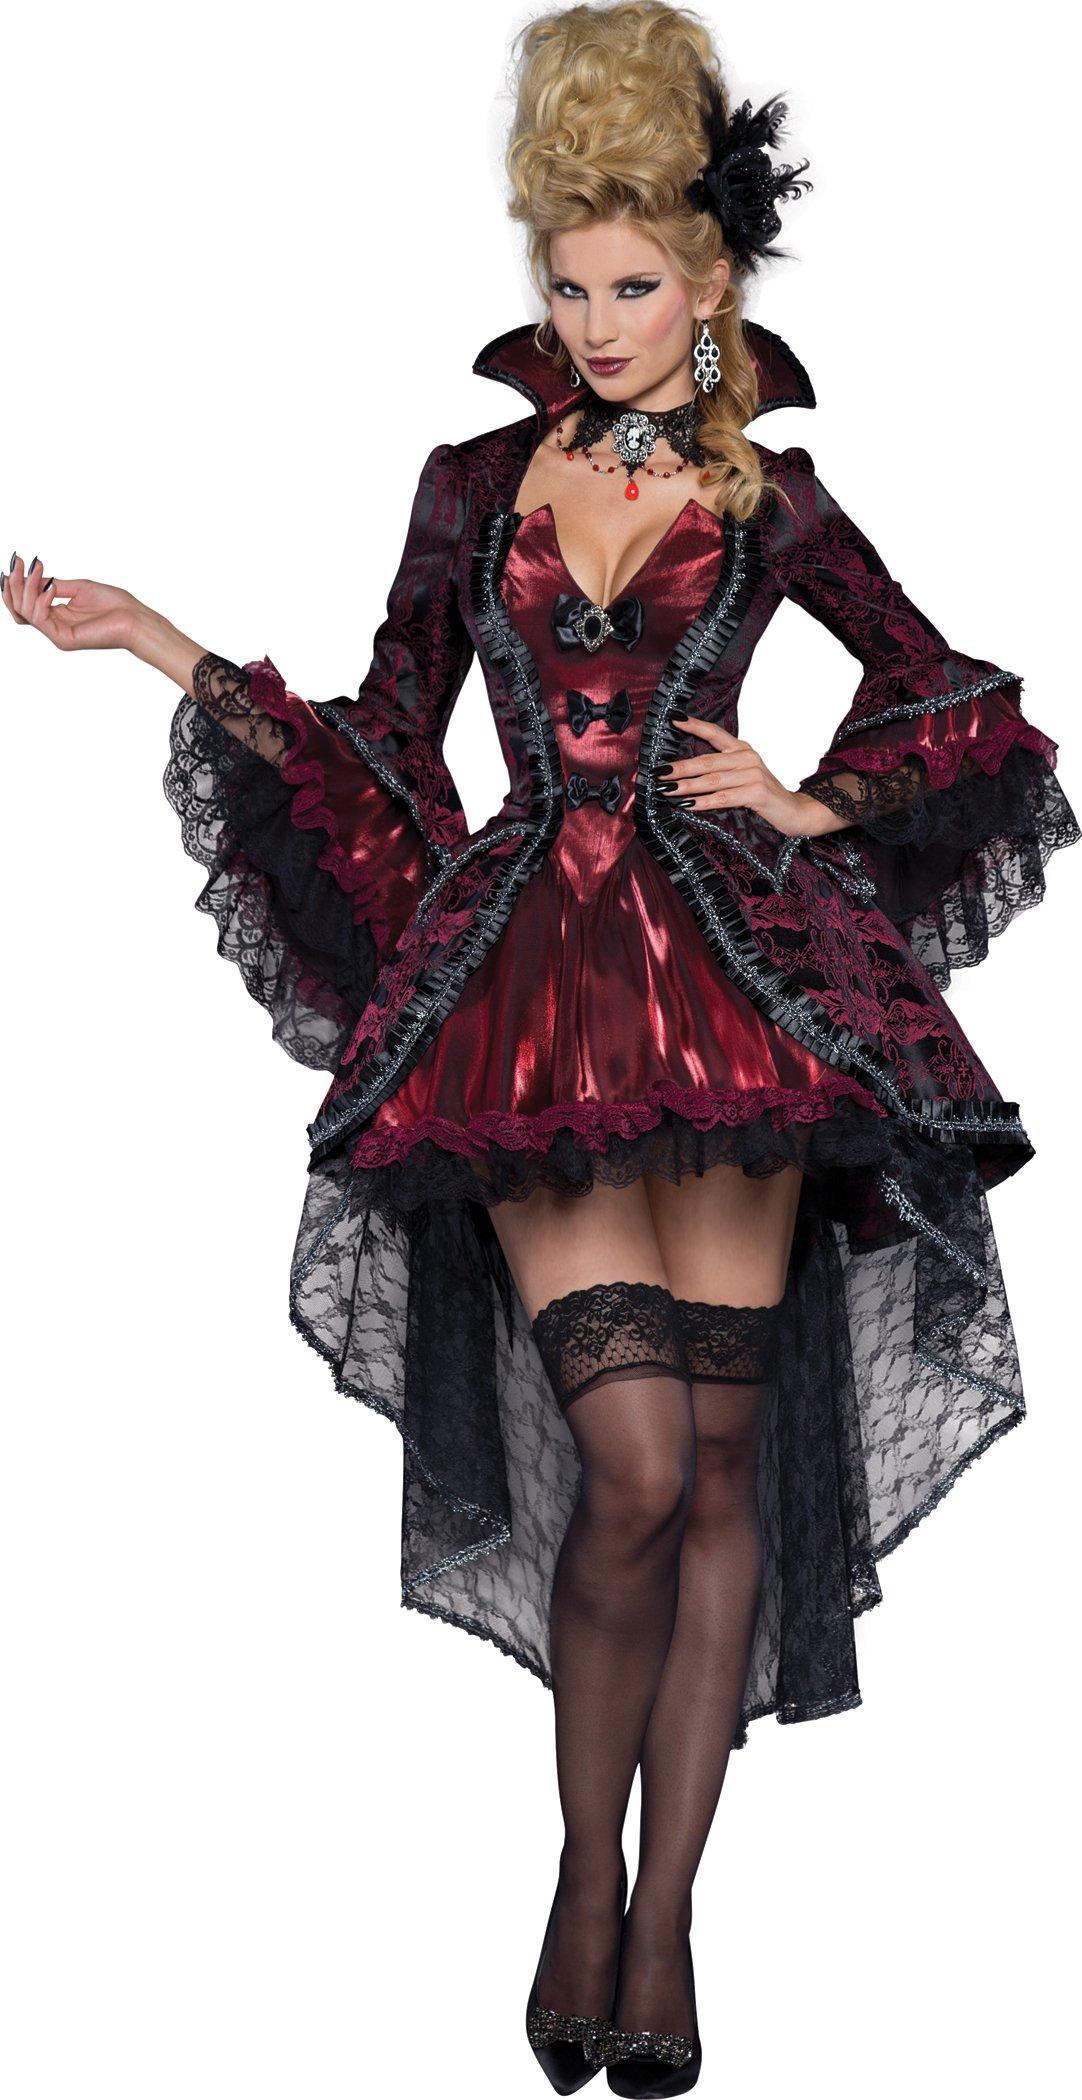 Fun World InCharacter Costumes Women's Victorian Vamp Vampiress Costume, Burgundy, Medium